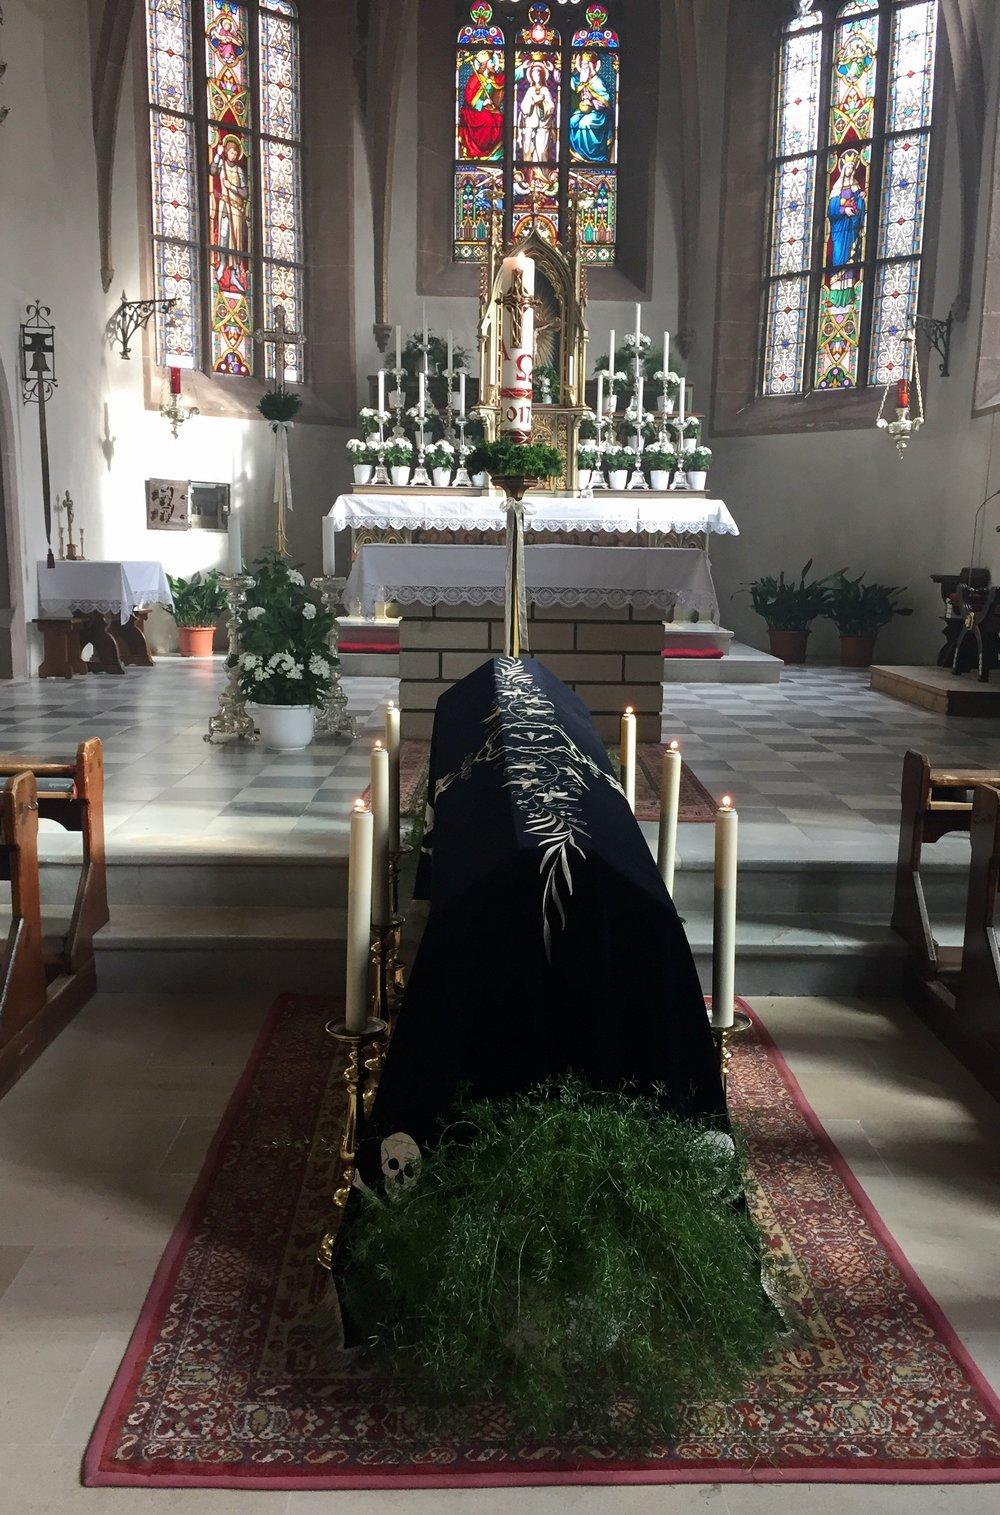 Kisten i Maria Himmelfahrt i Lengmoos kirke symboliserer alle sjelene som har gått. Alle sjelersdag er dagen etter allehelgensdag.